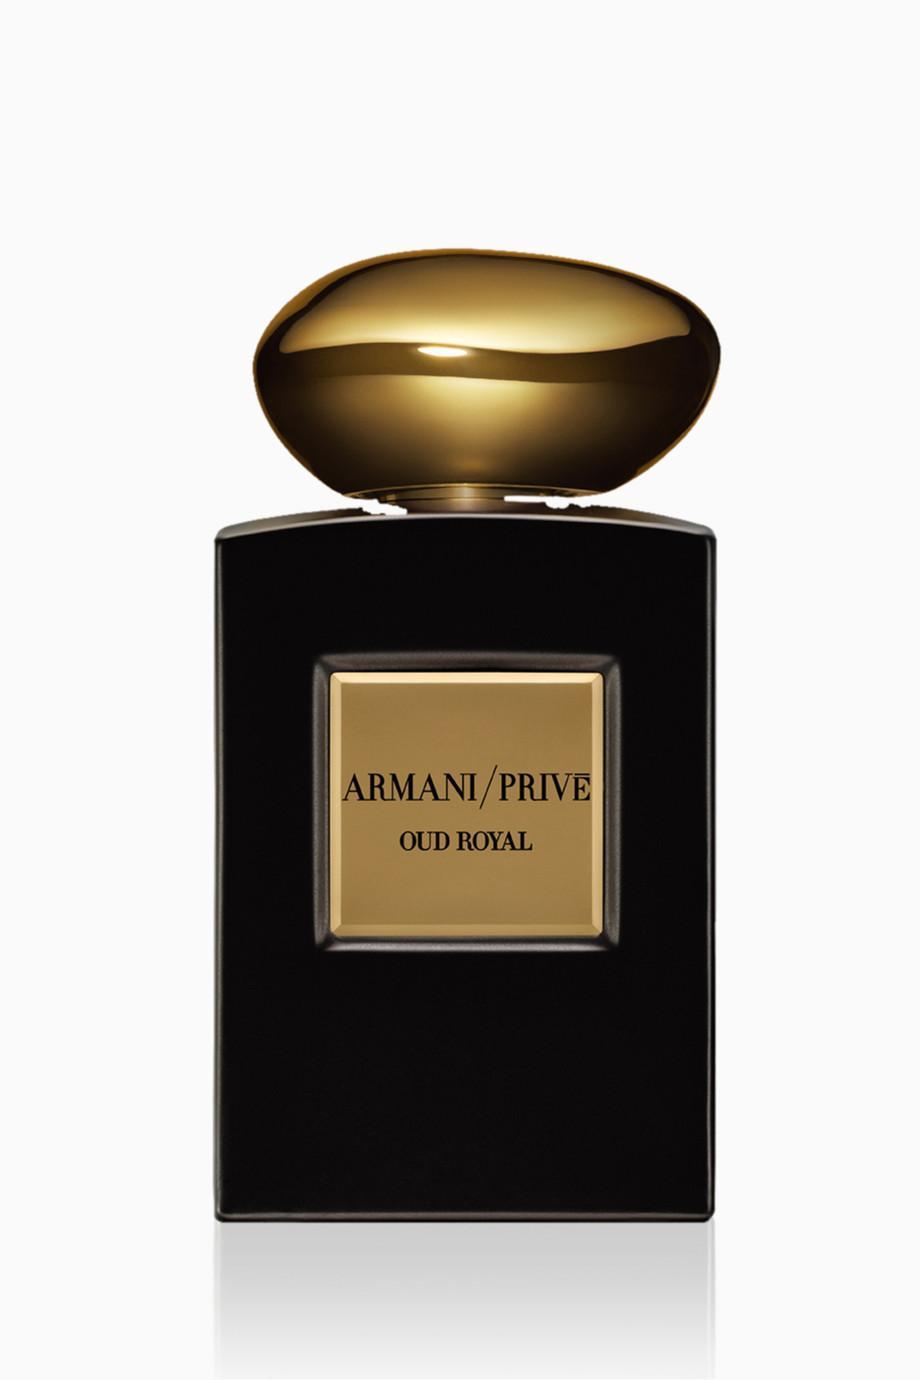 Armani Prive Oud Royal Intense for Unisex Eau De Parfum 200ML